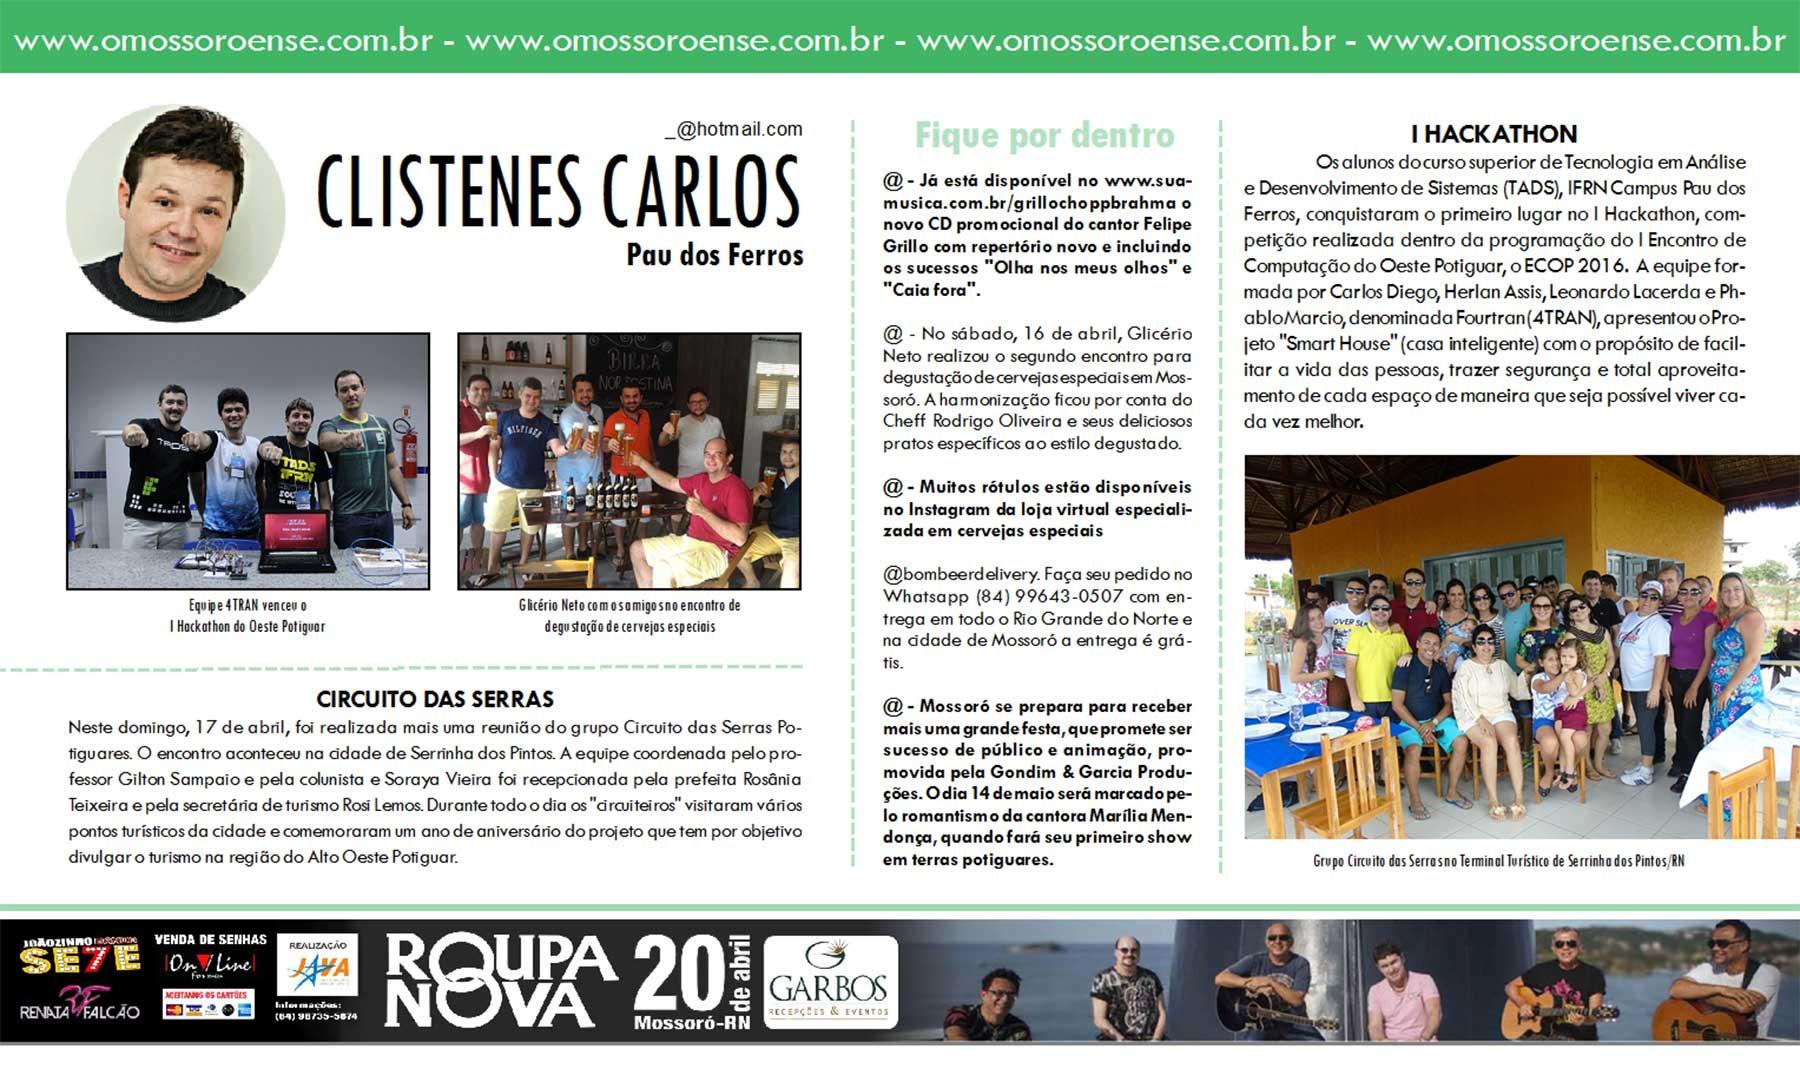 CLISTENES-CARLOS-20-04-2016